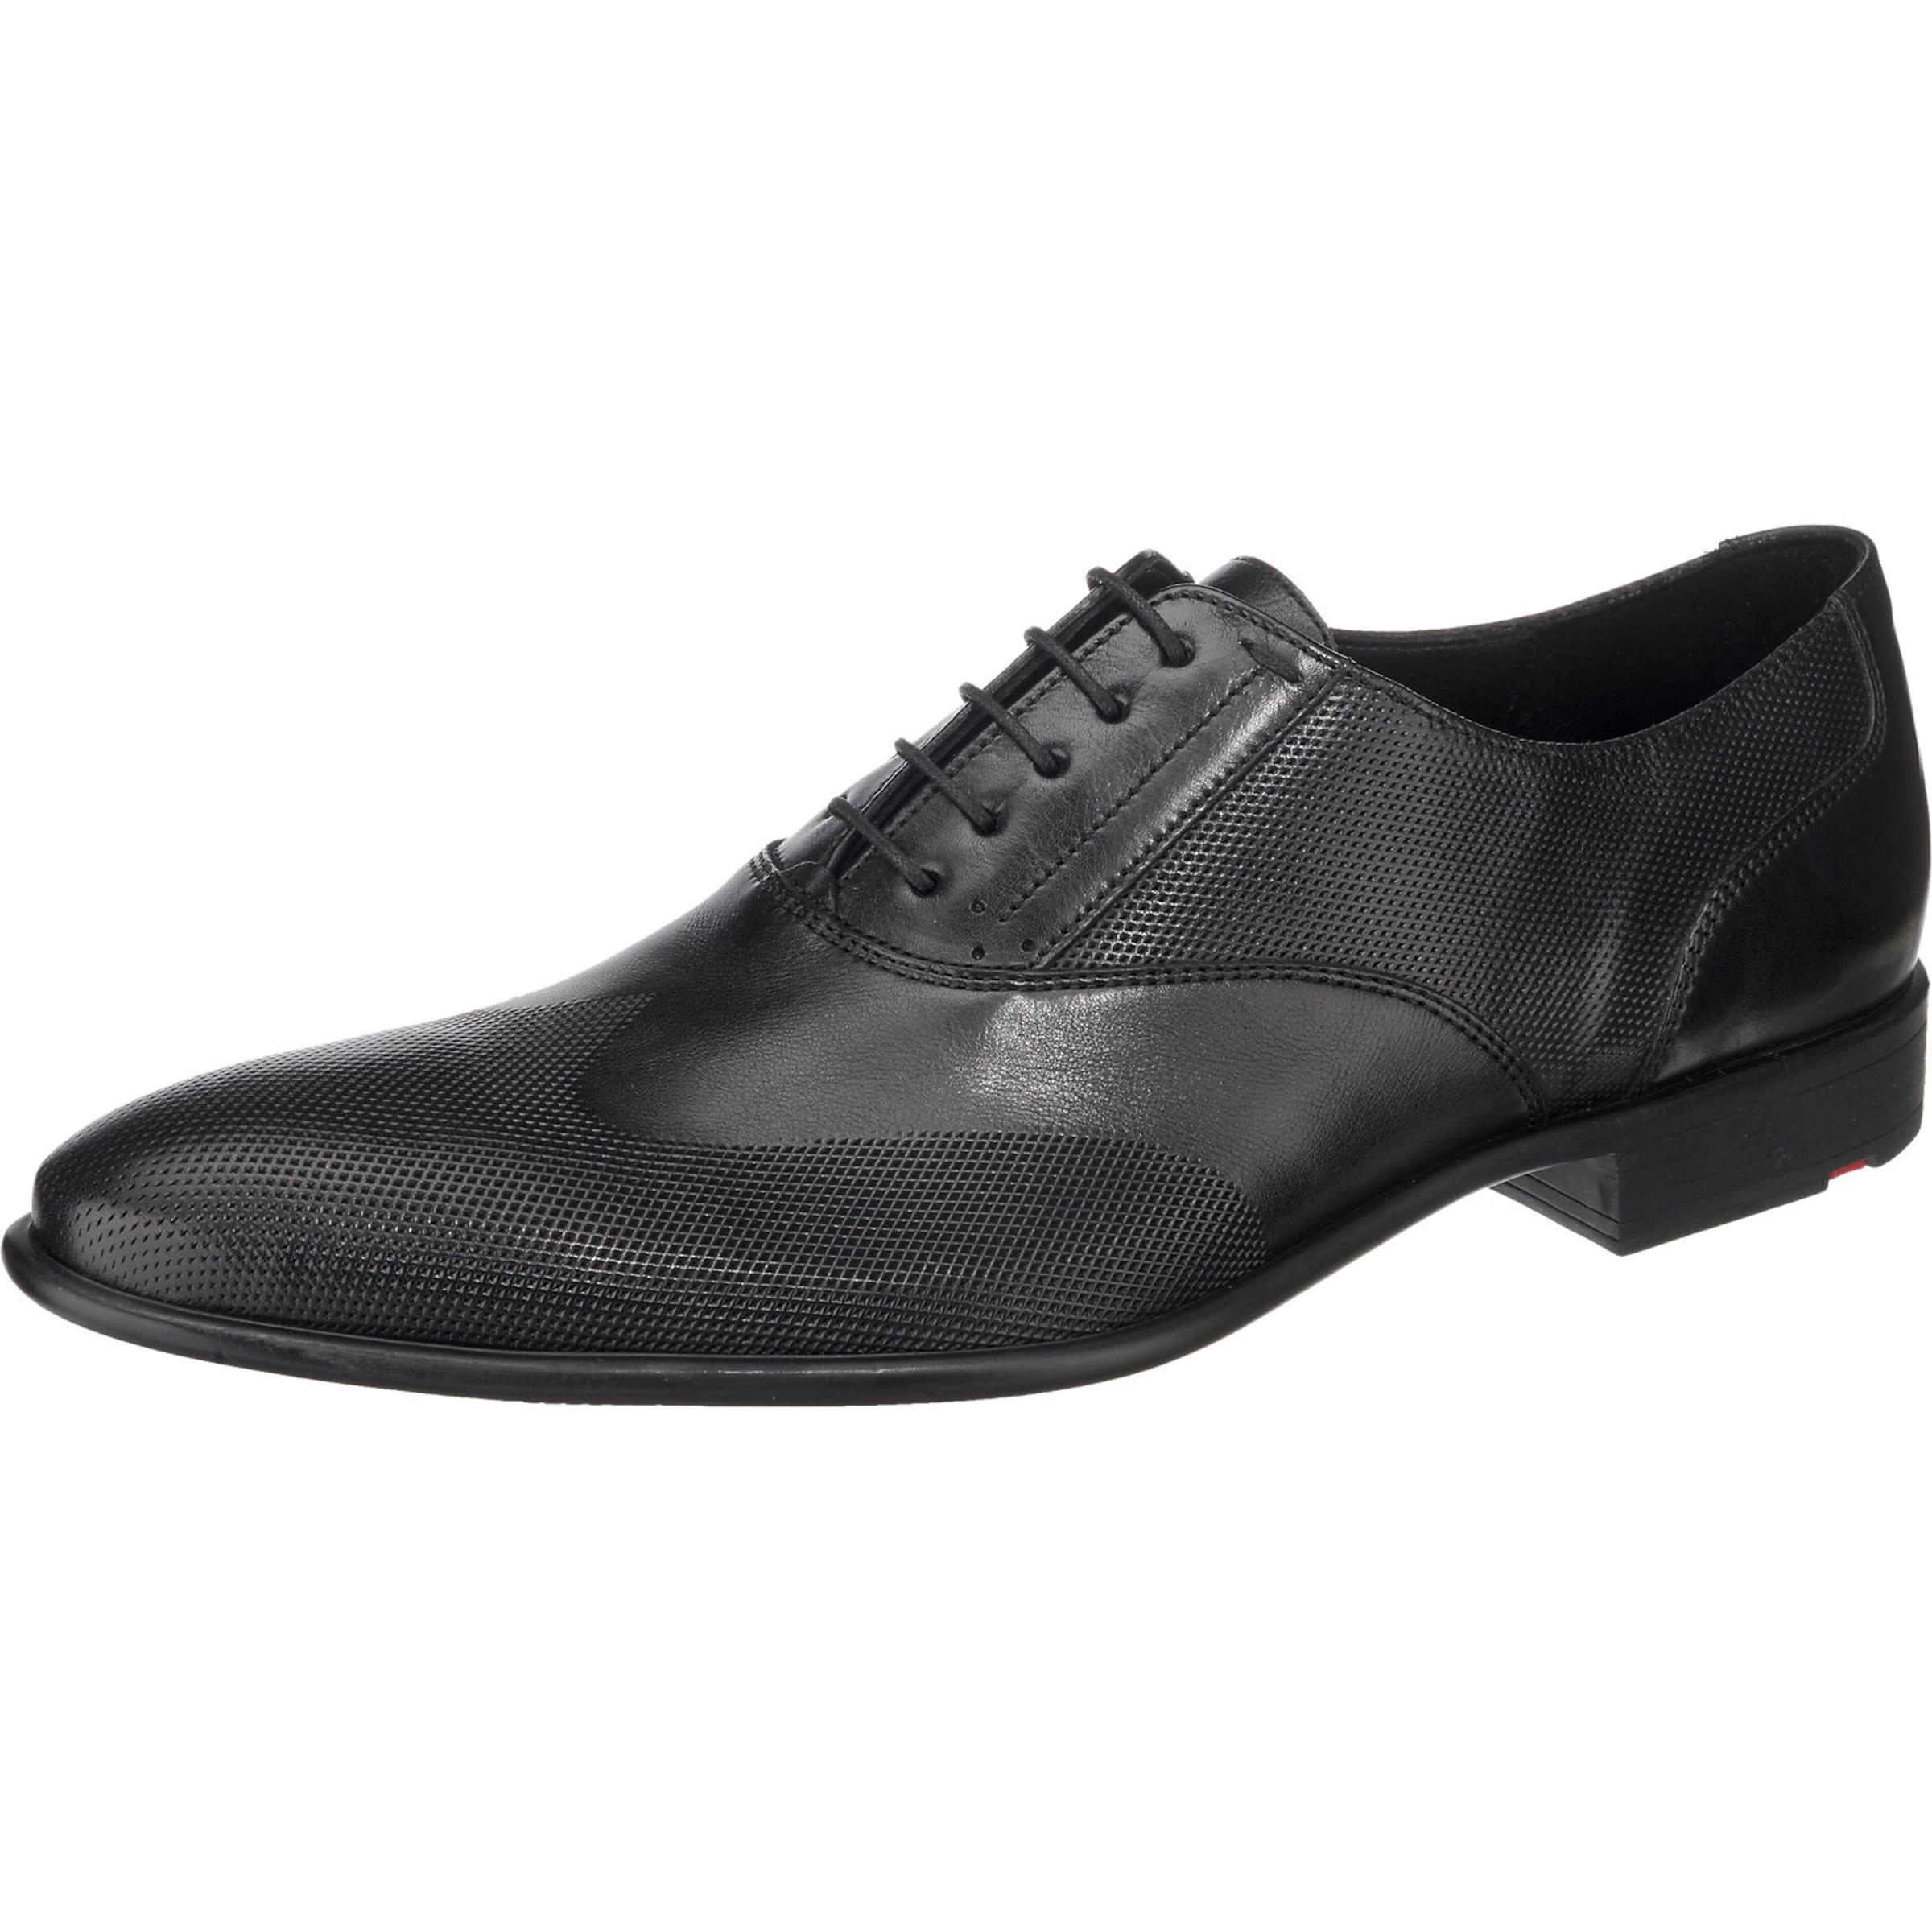 LLOYD NORAS Business-Schnürschuhe Verschleißfeste billige Schuhe